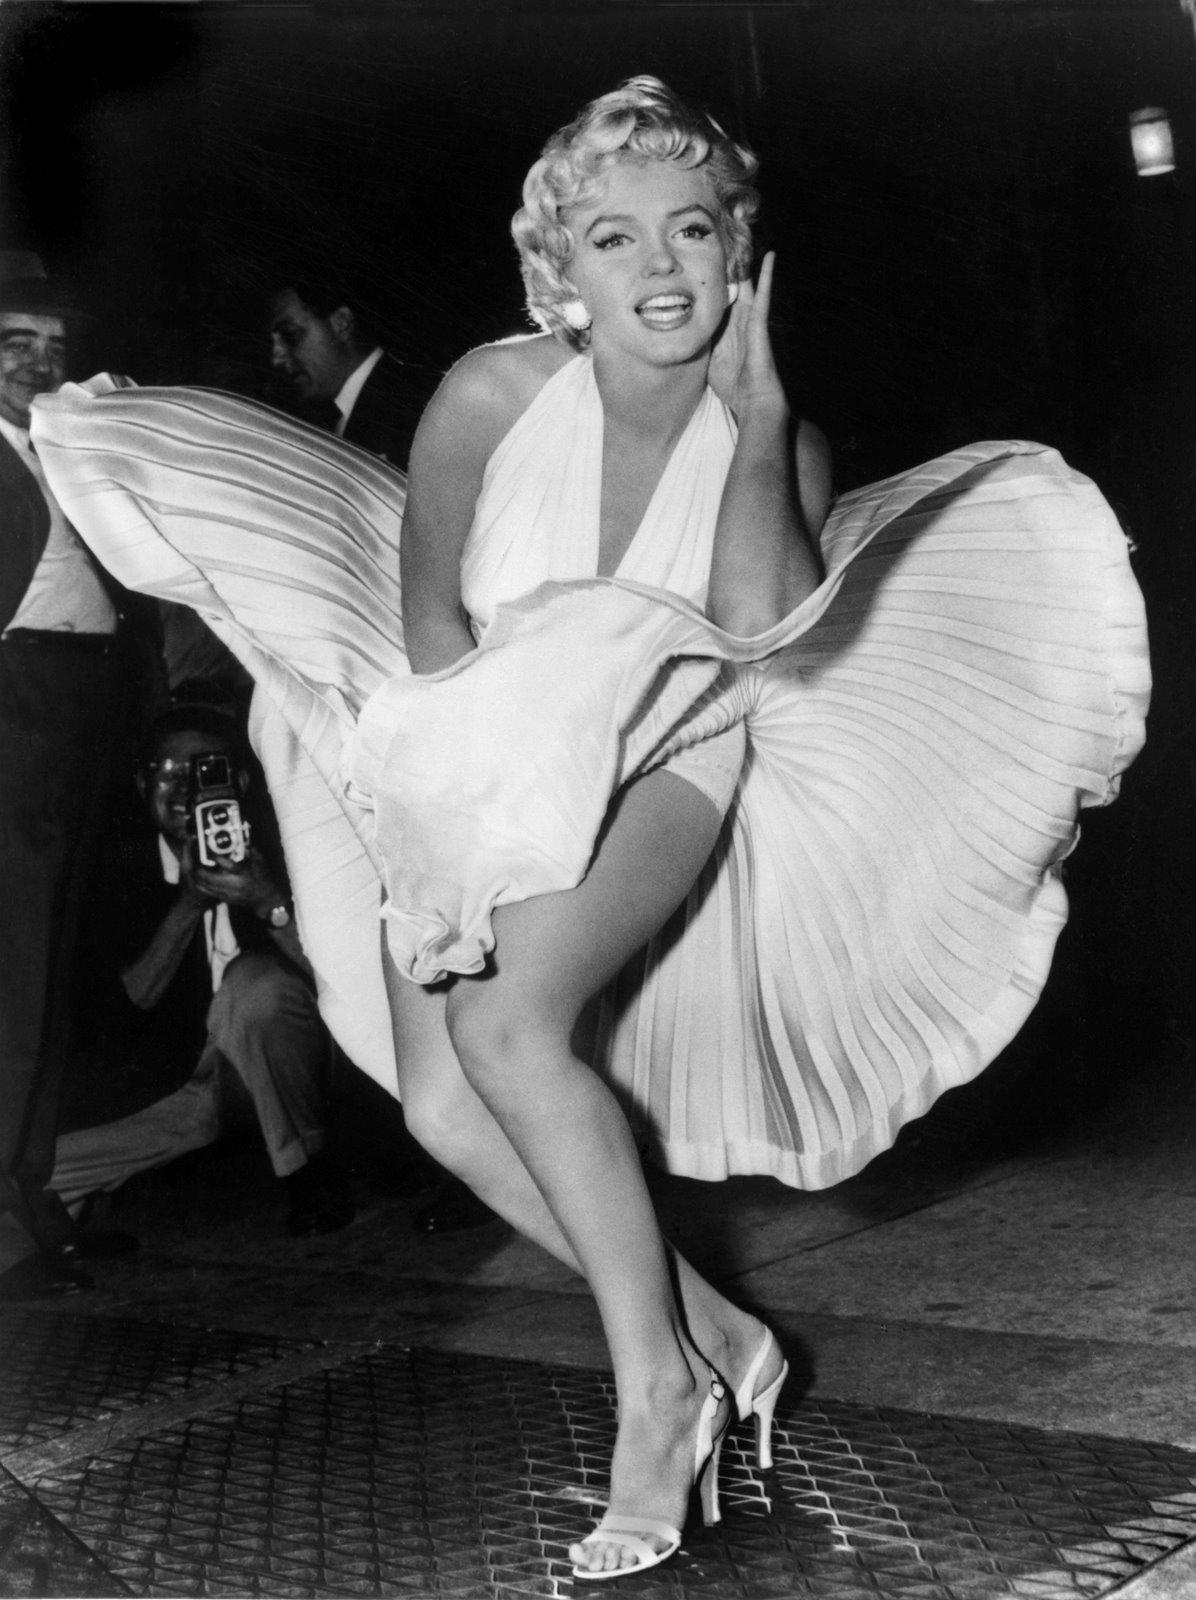 http://2.bp.blogspot.com/-sCnnEWbPHTM/Tjo2OanMhYI/AAAAAAAAAxE/T0J28_LEokY/s1600/1962+-+Marilyn+Monroe+dies.jpg